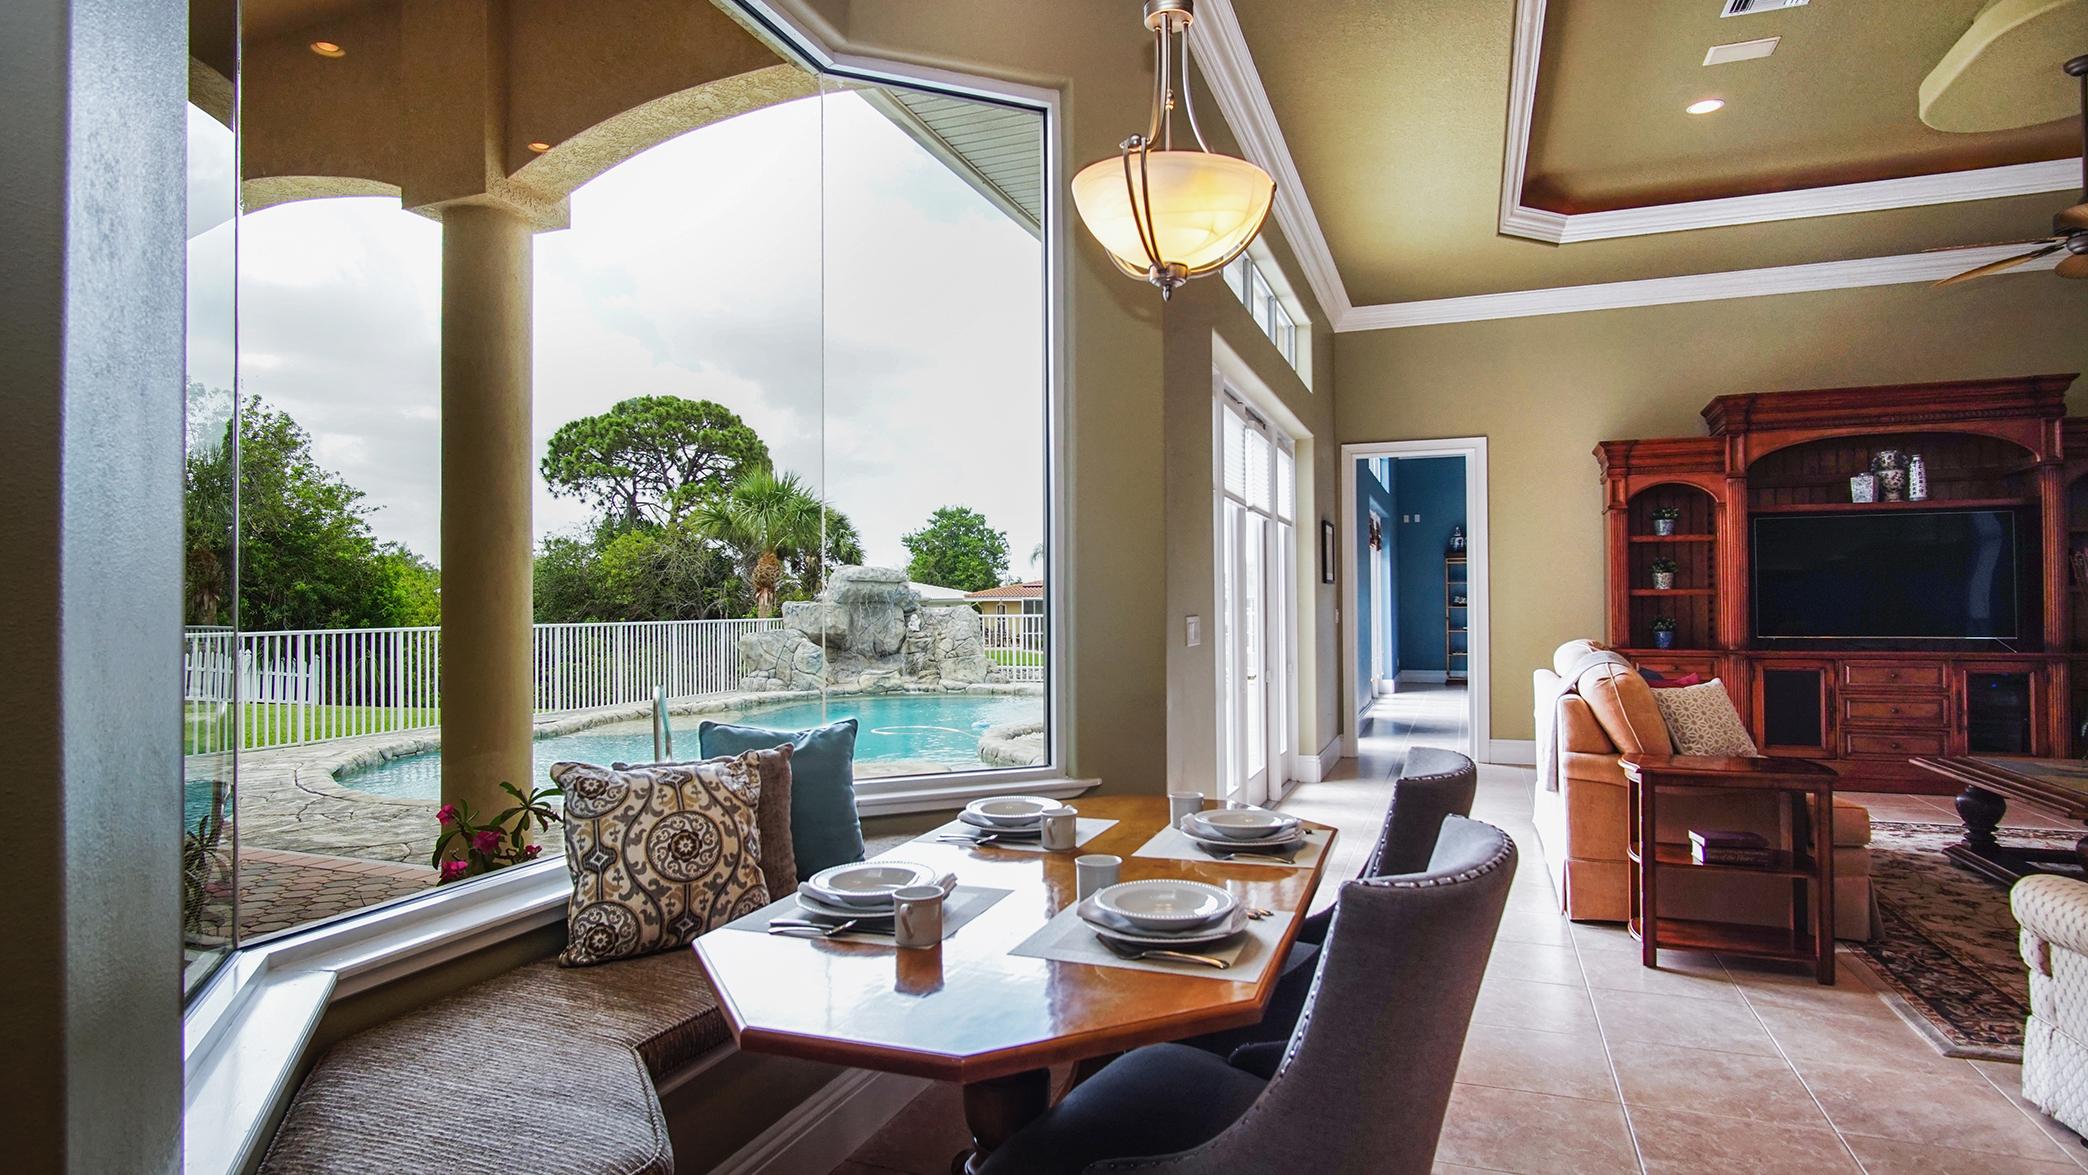 Sunny Breakfast Nook Overlooking the Pool/Patio